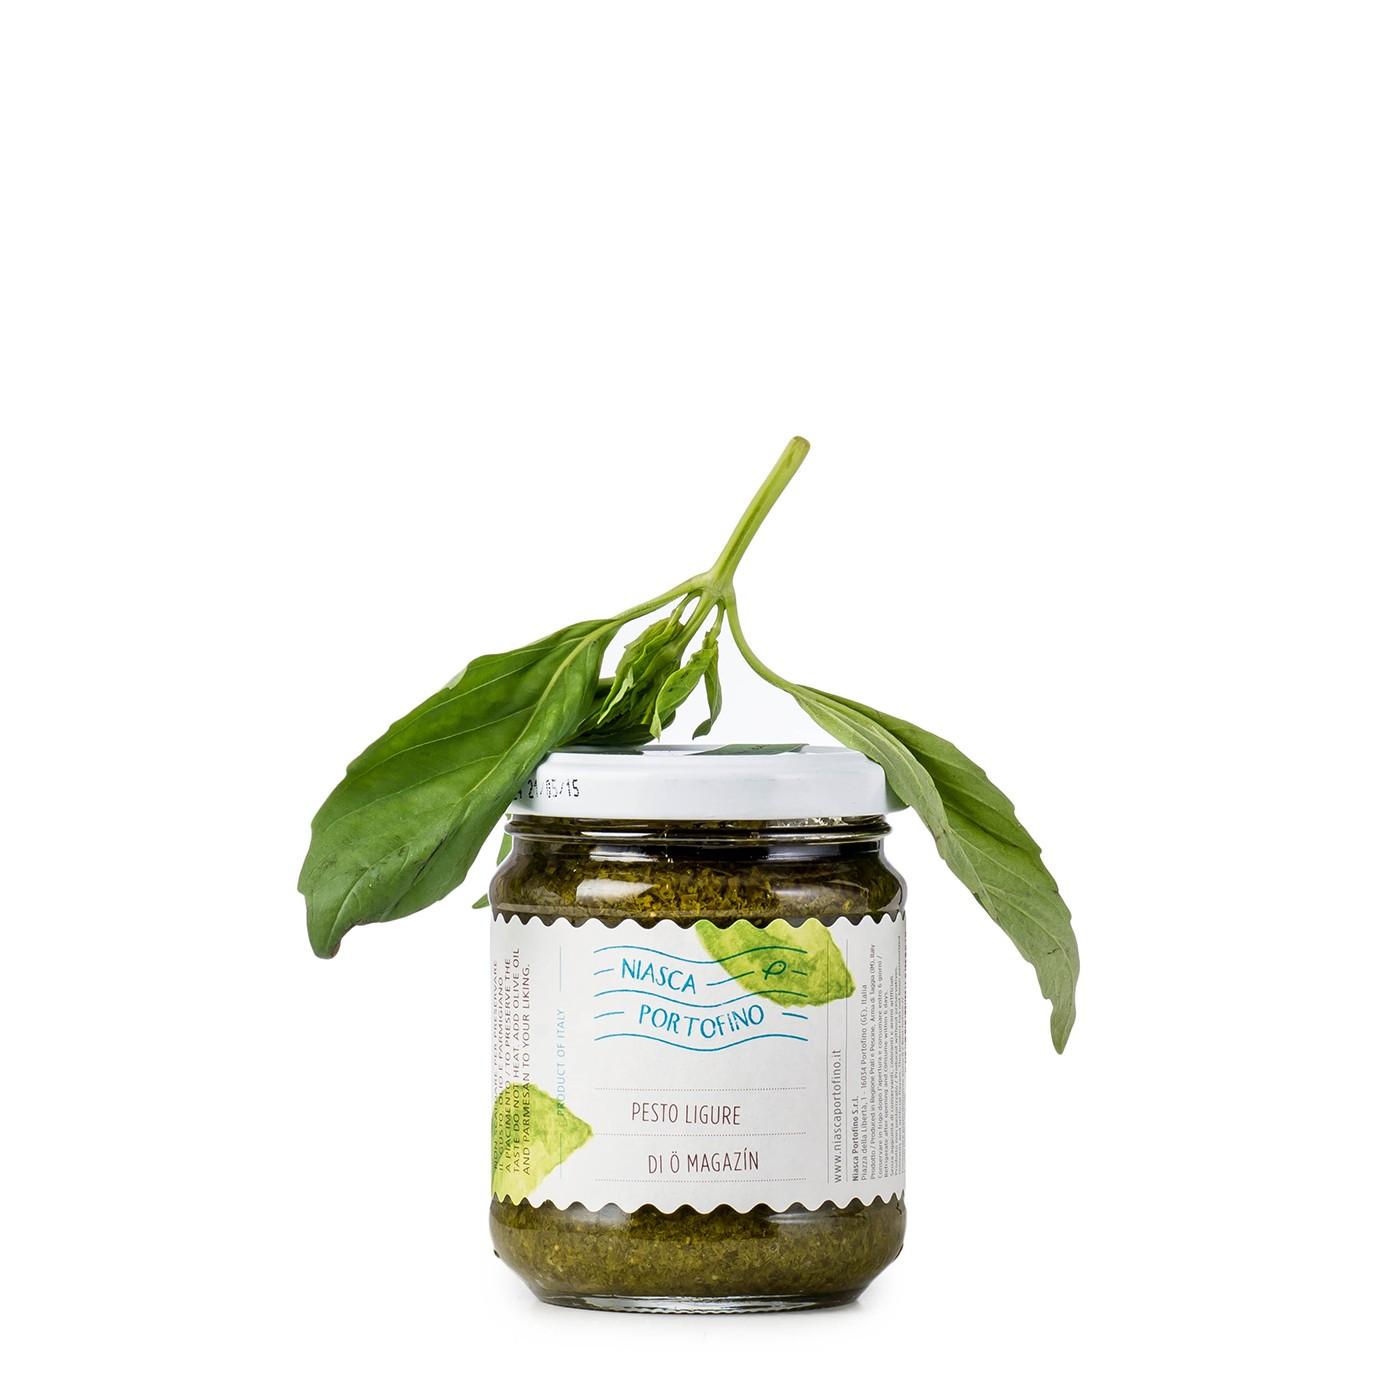 Ligurian Pesto without Garlic 6.3 oz